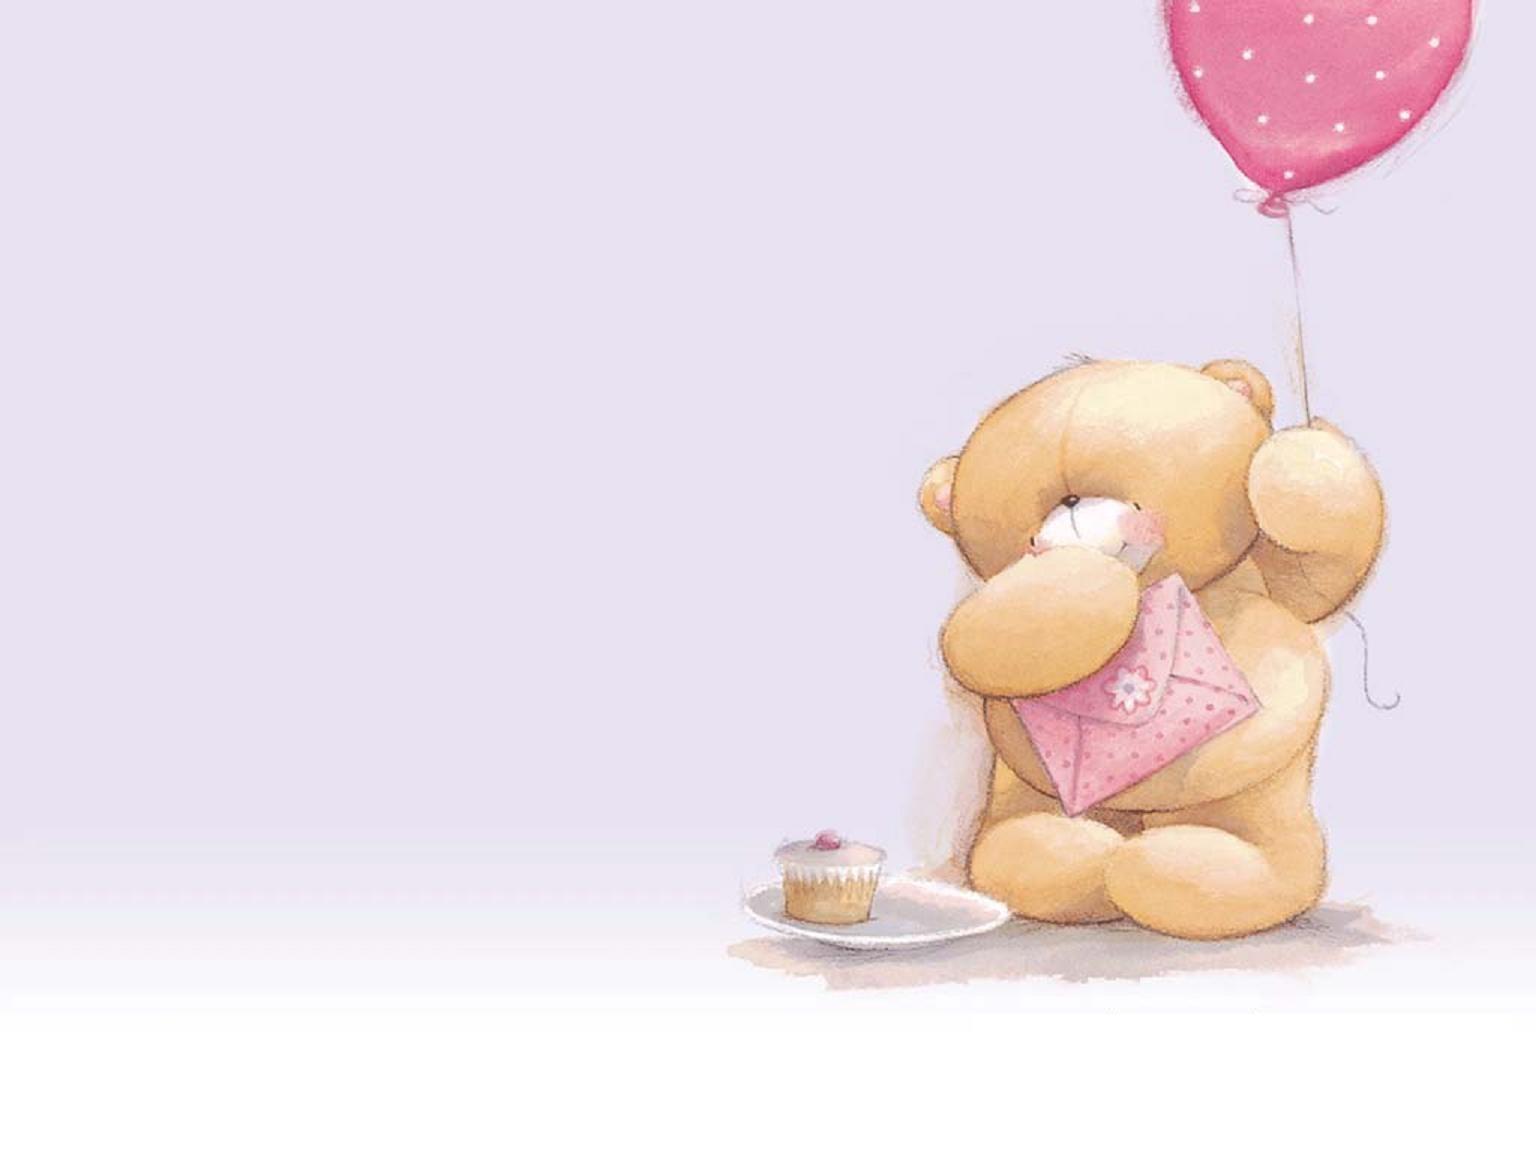 Поздравления с днем рождения ребенку мальчику 6 месяцев 31